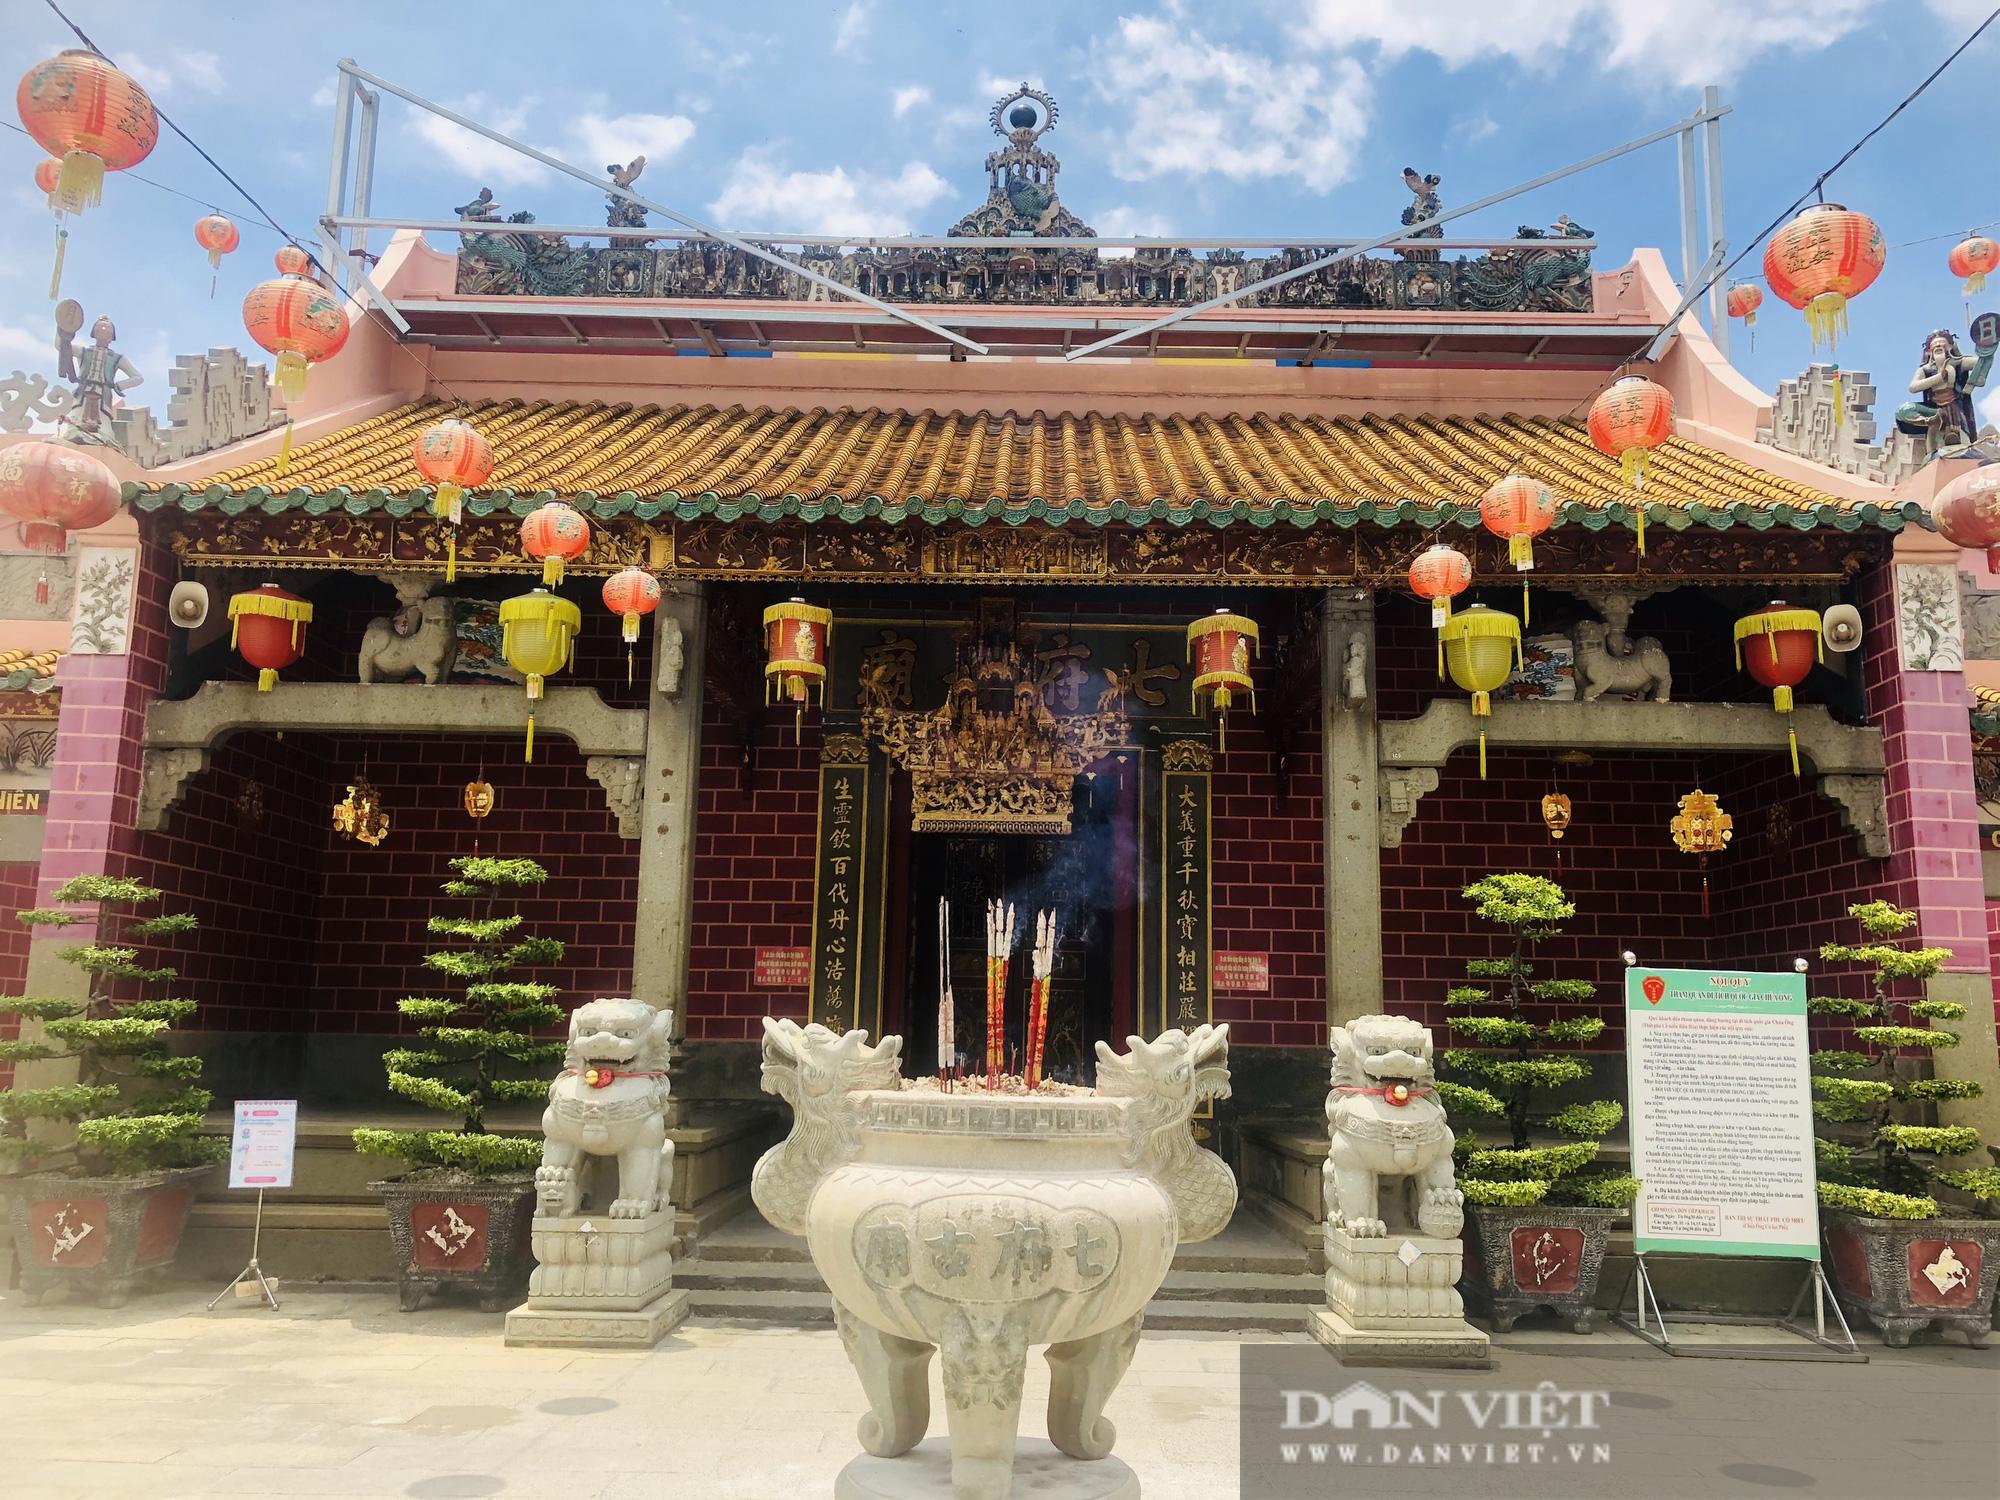 Thất phủ cổ miếu: Ngôi chùa Hoa đầu tiên ở Nam Bộ, nơi giao thoa giữa hai nền văn hoá Việt – Hoa - Ảnh 2.